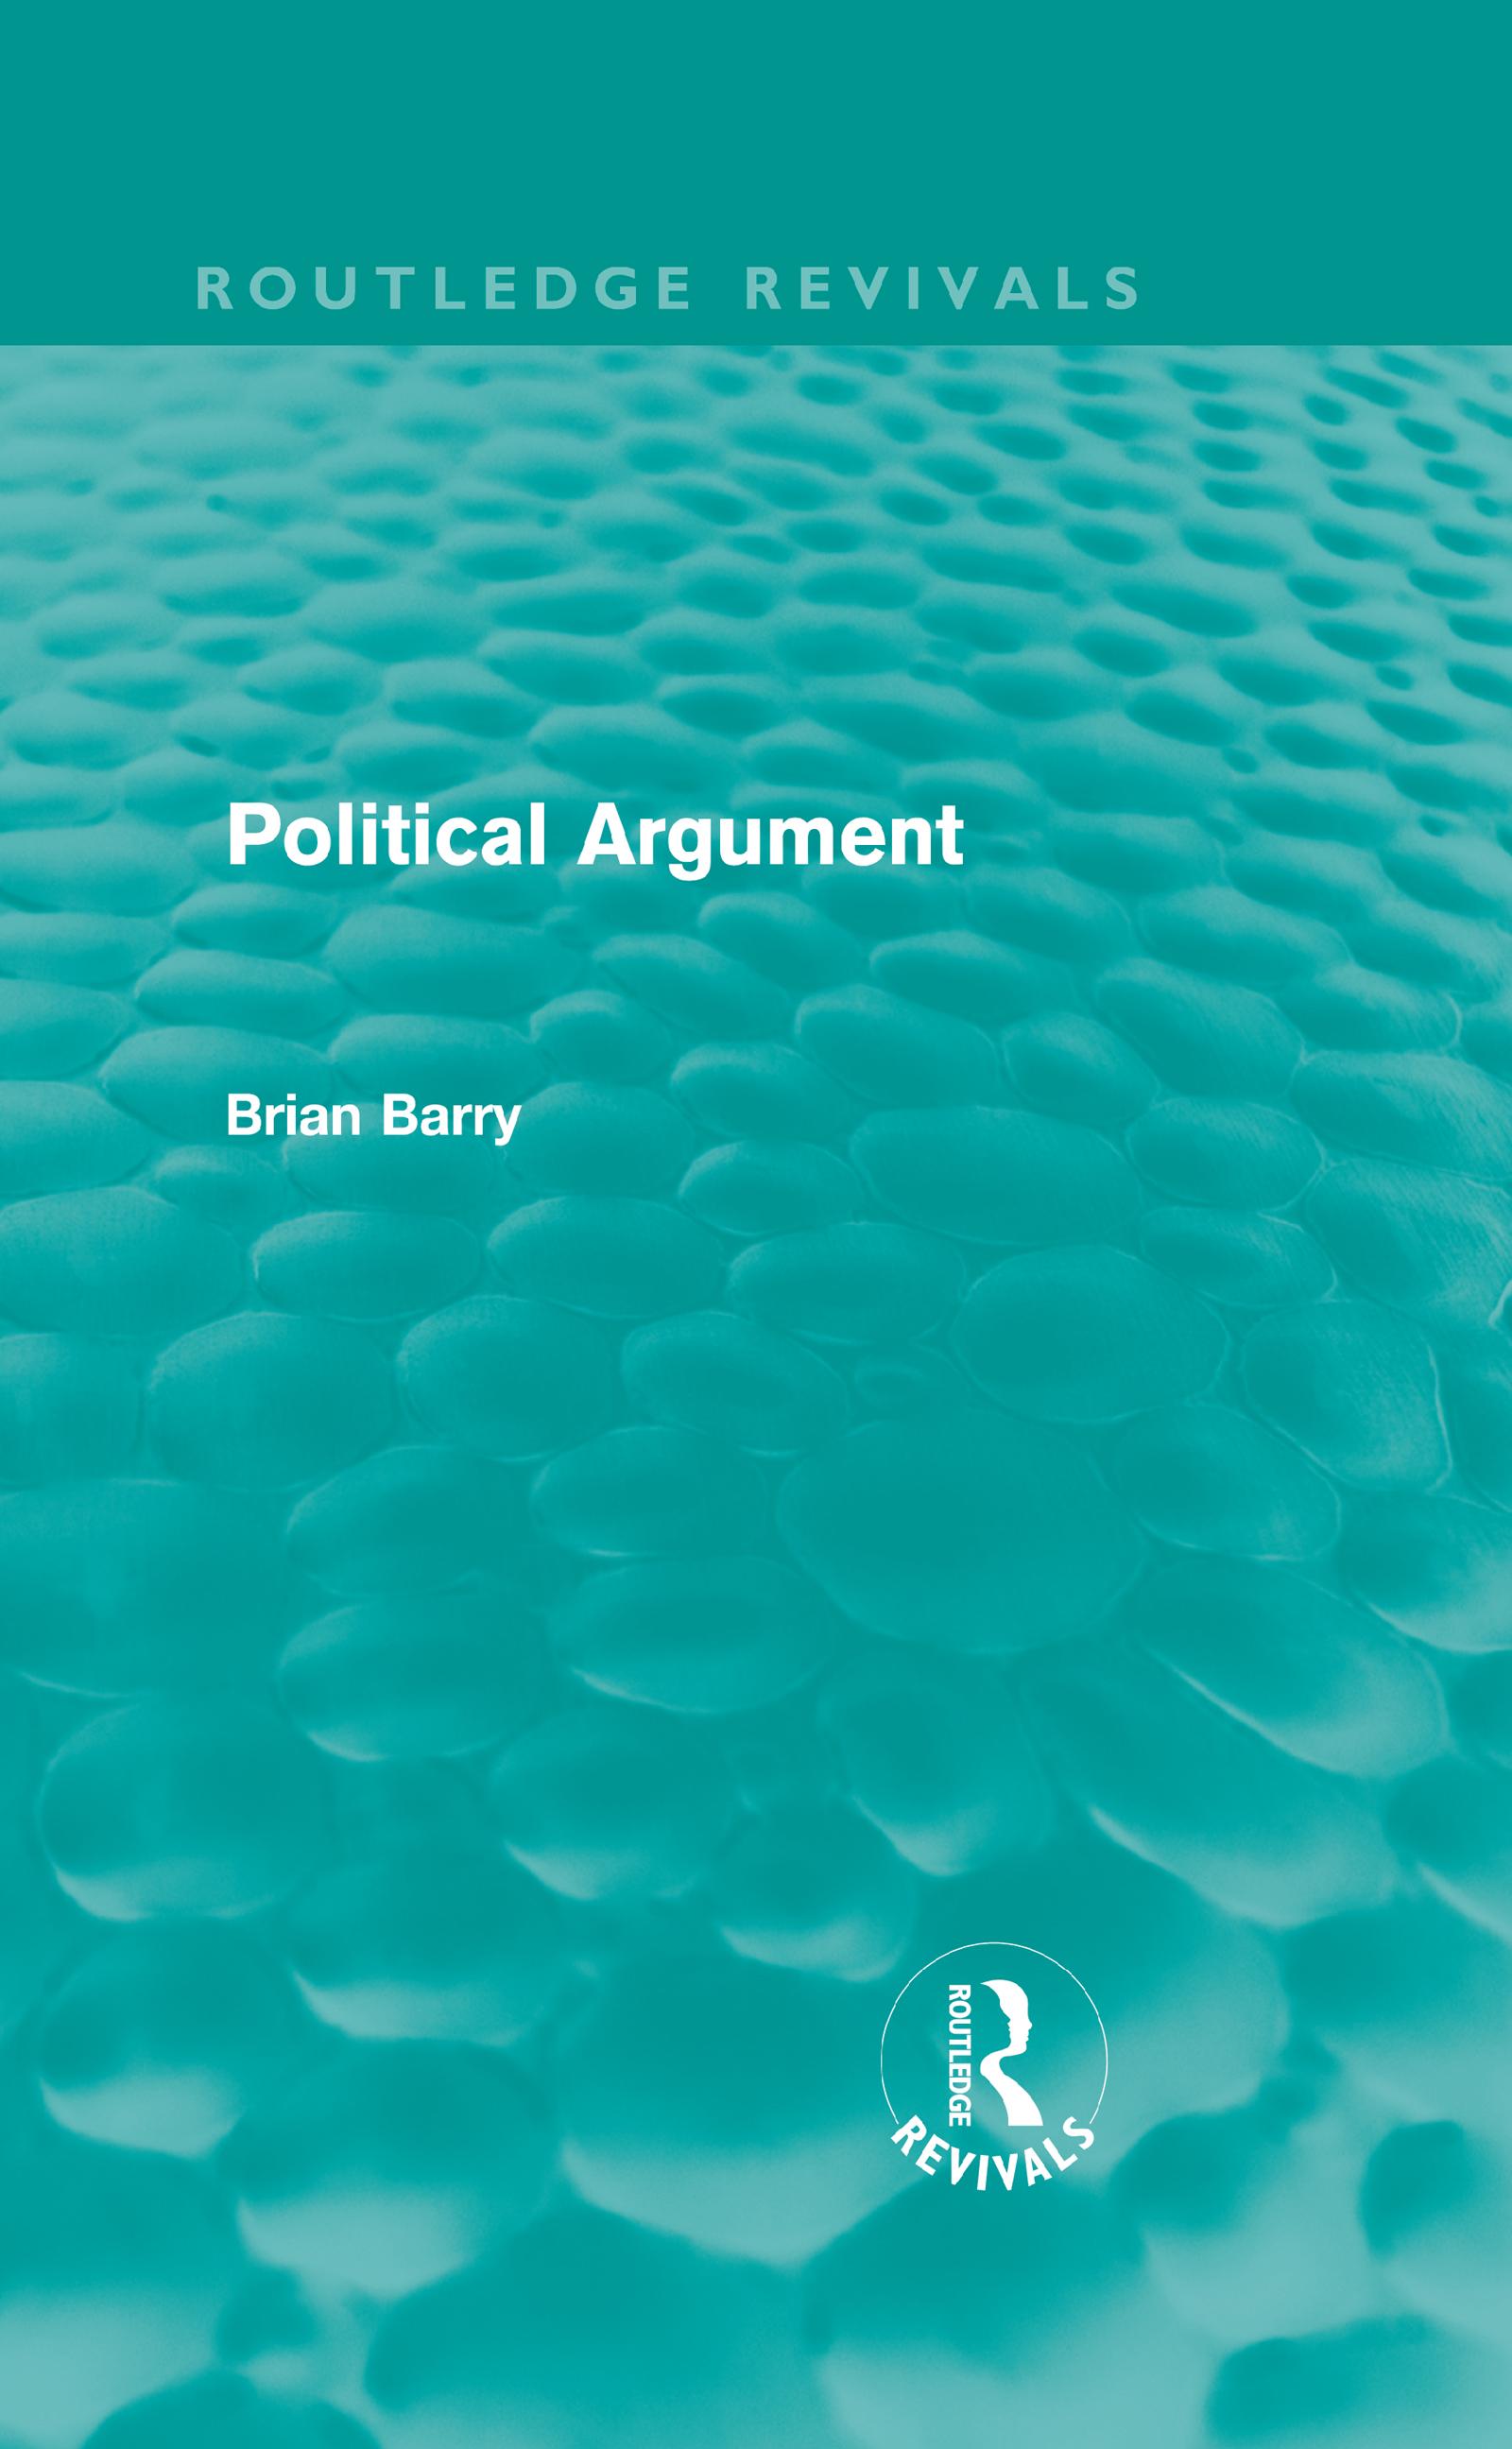 Political Argument (Routledge Revivals)